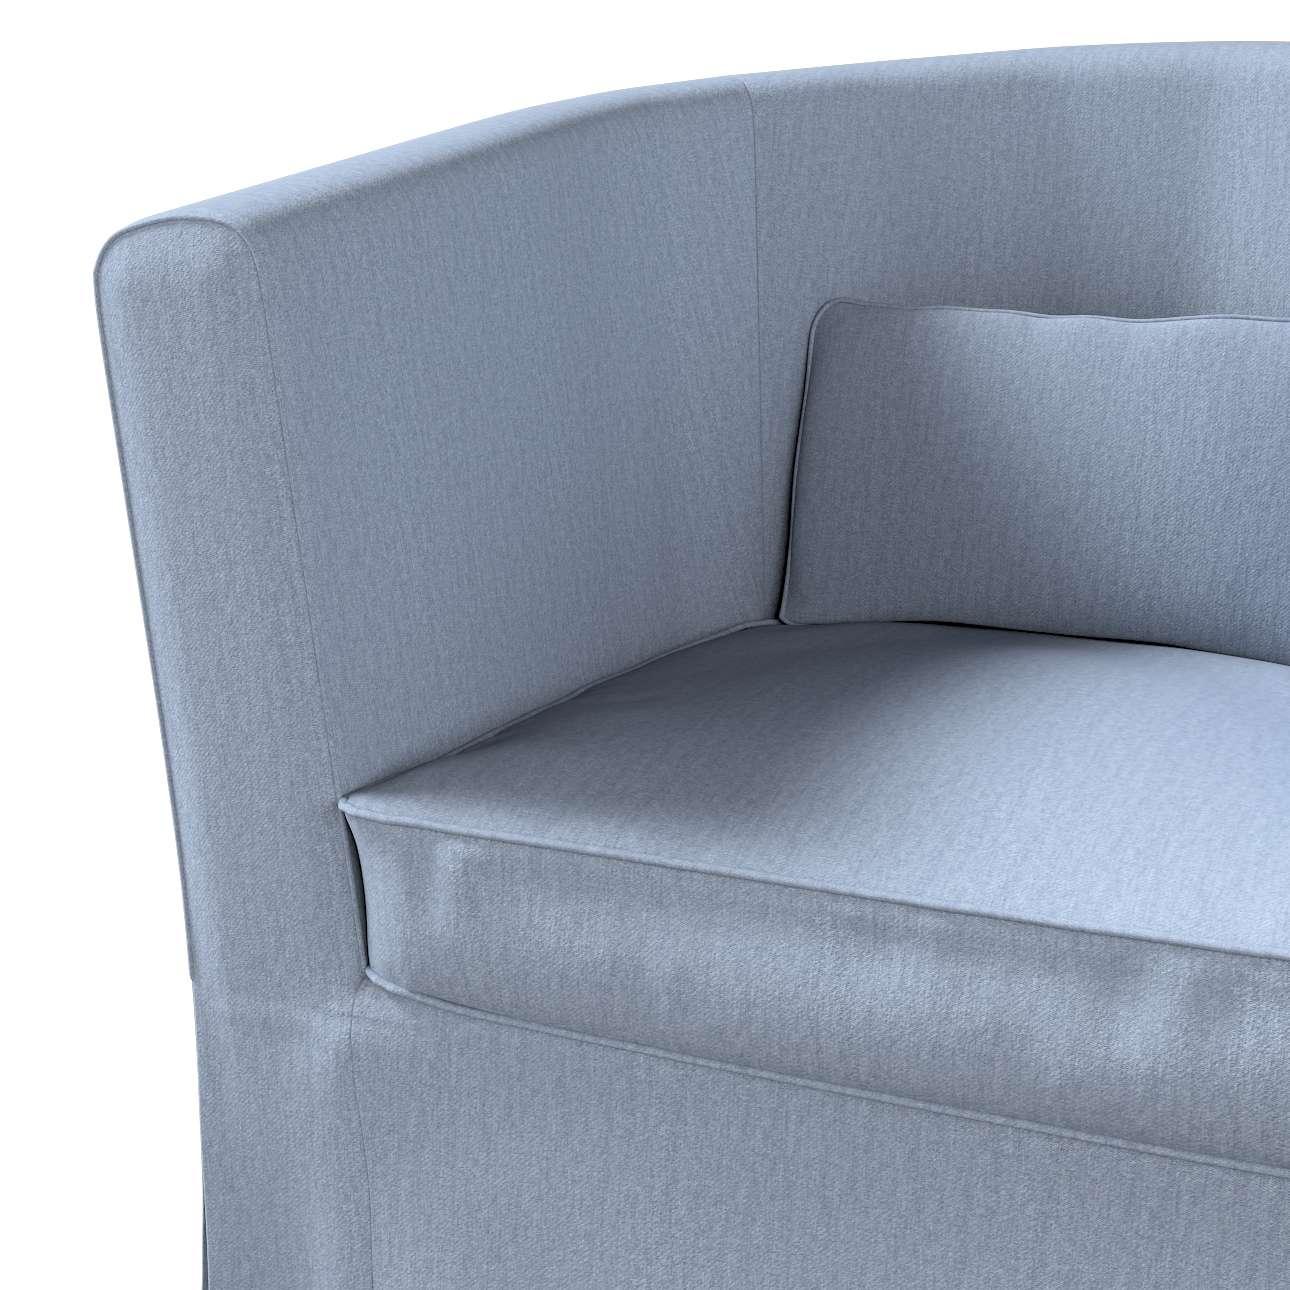 Pokrowiec na fotel Ektorp Tullsta w kolekcji Chenille, tkanina: 702-13